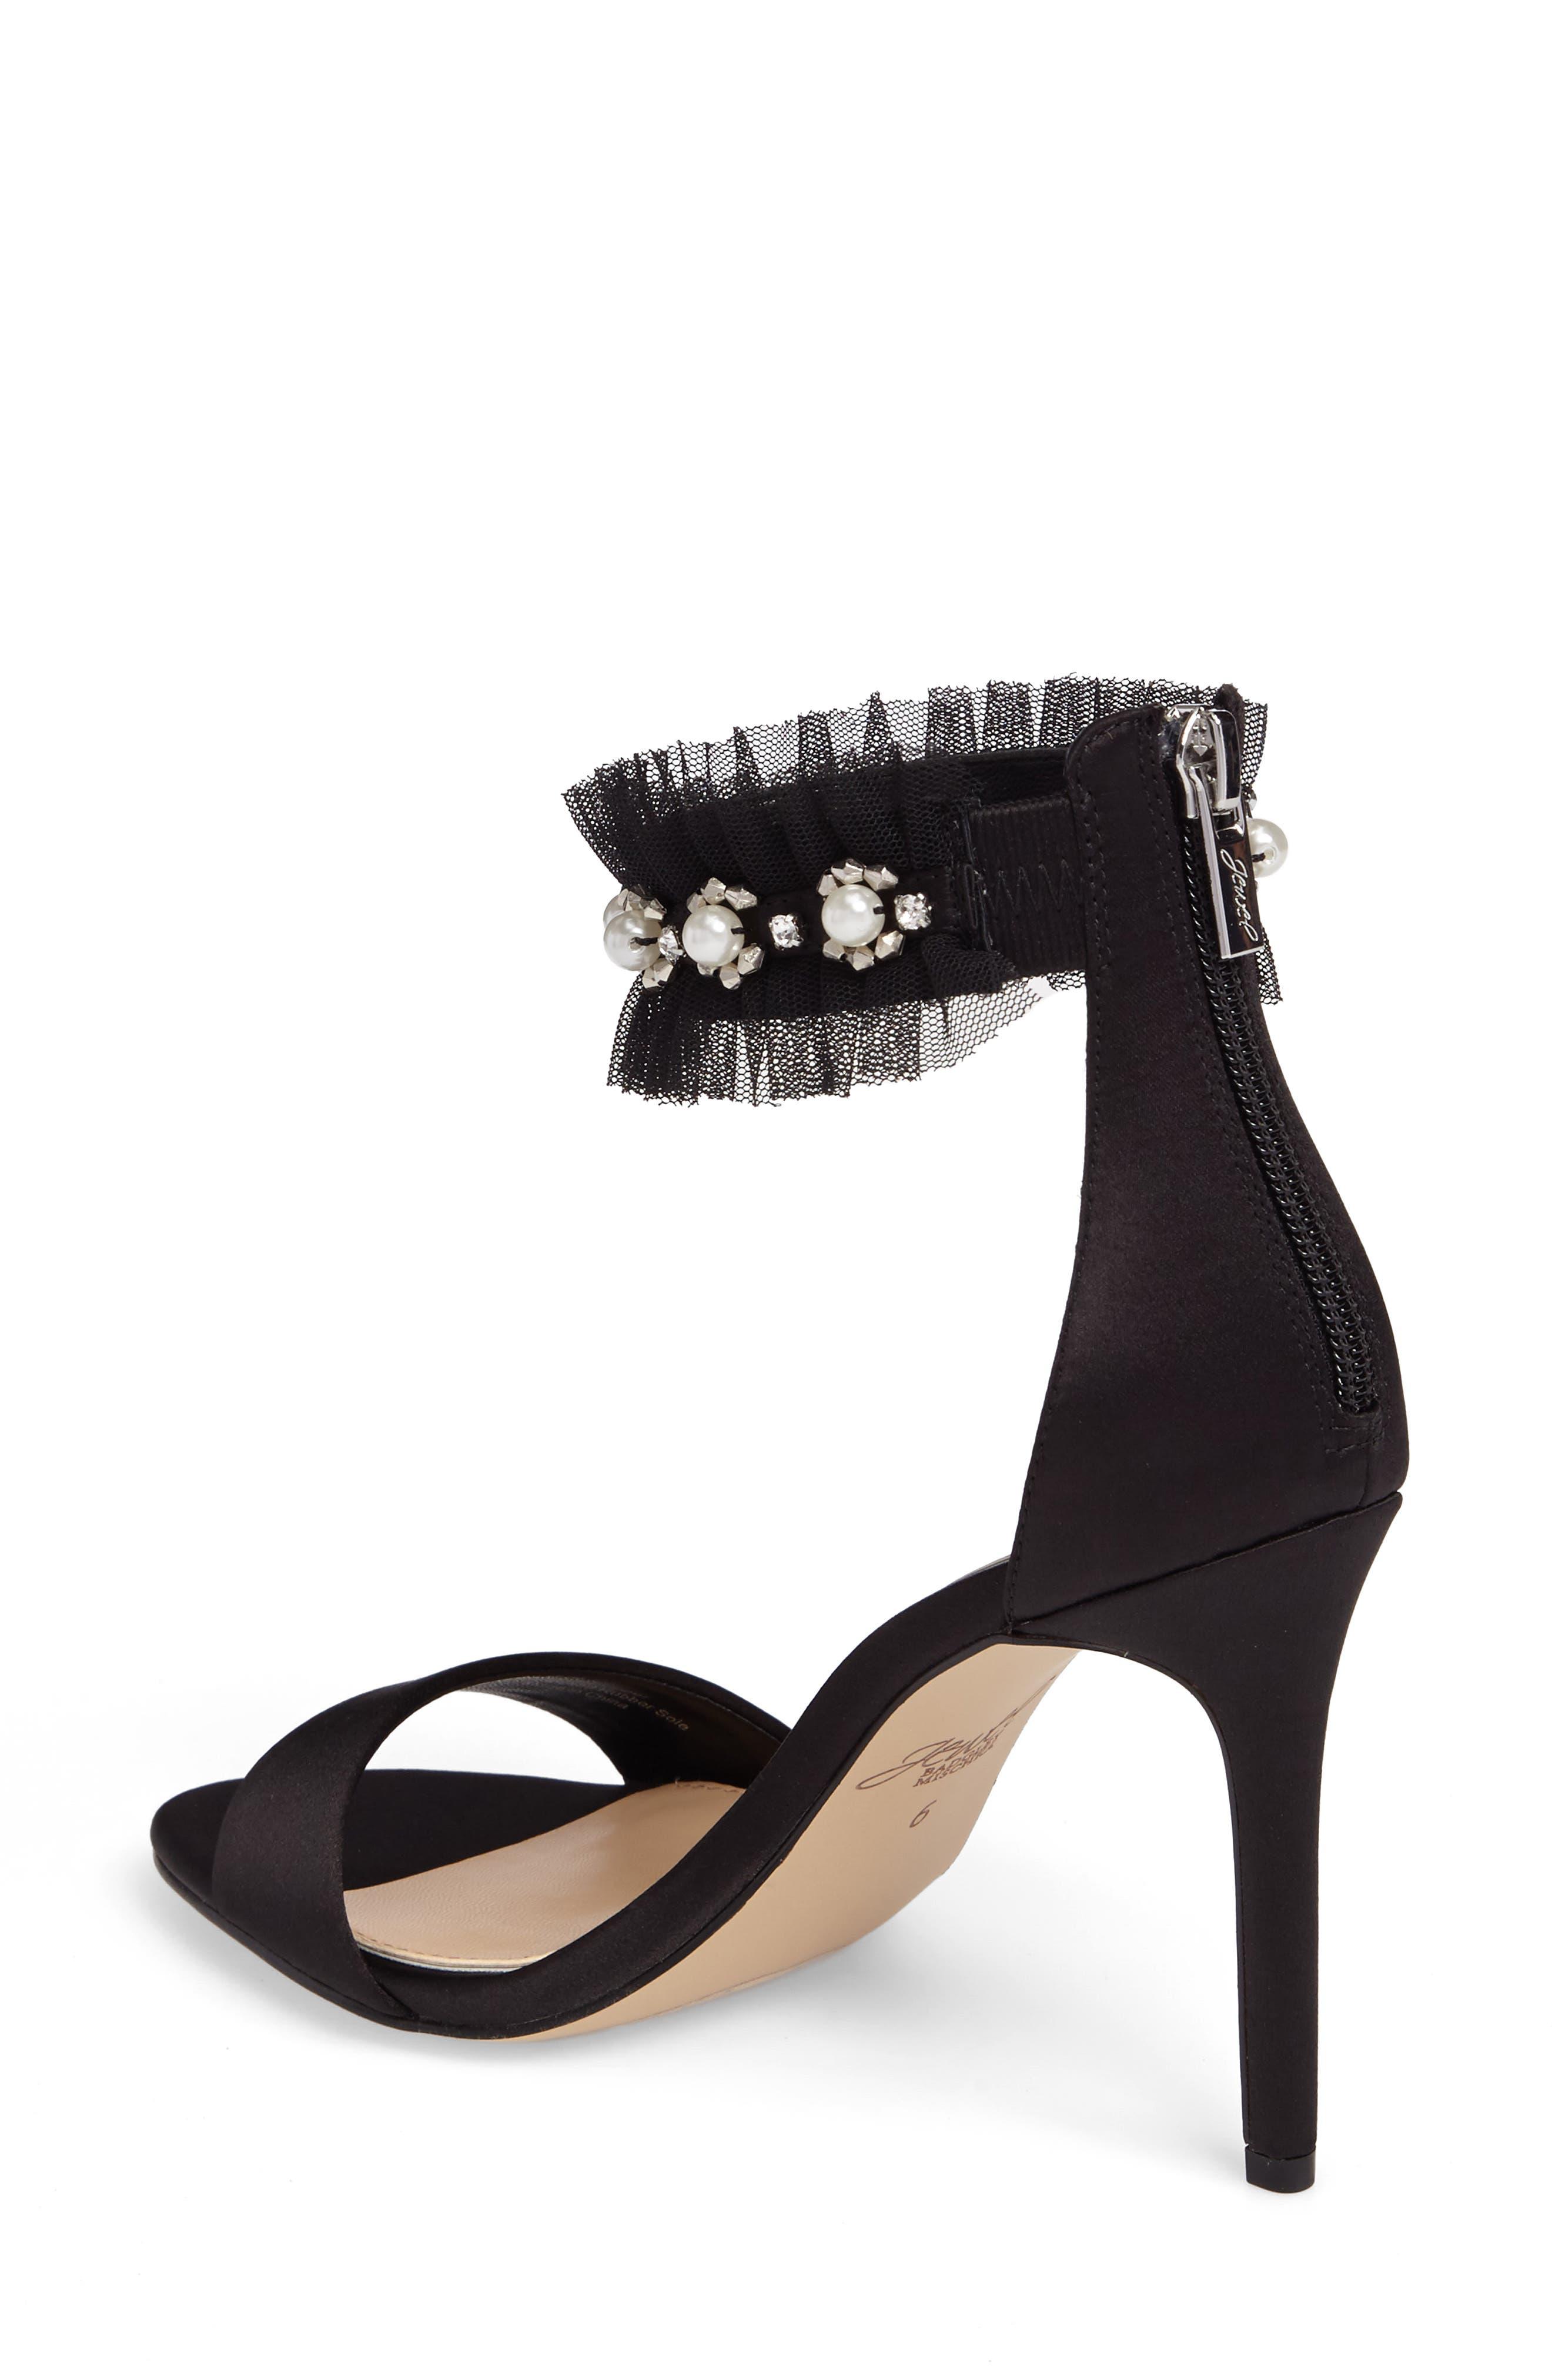 Abagail Embellished Ankle Strap Sandal,                             Alternate thumbnail 2, color,                             Black Satin